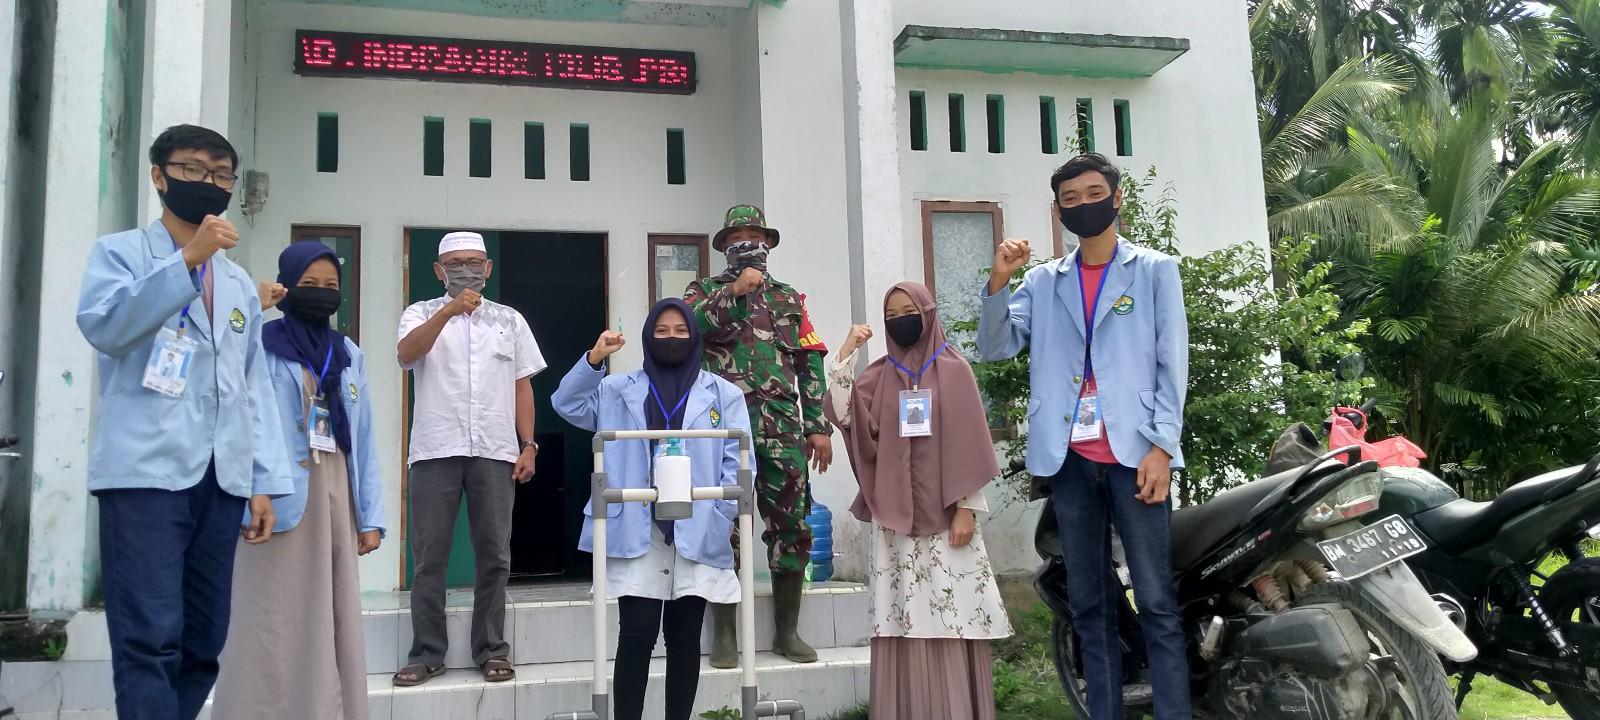 Mahasiswa Relawan Covid-19 UR Serahkan Dispenser Hand Sanitizer untuk Desa Pulau Kecil